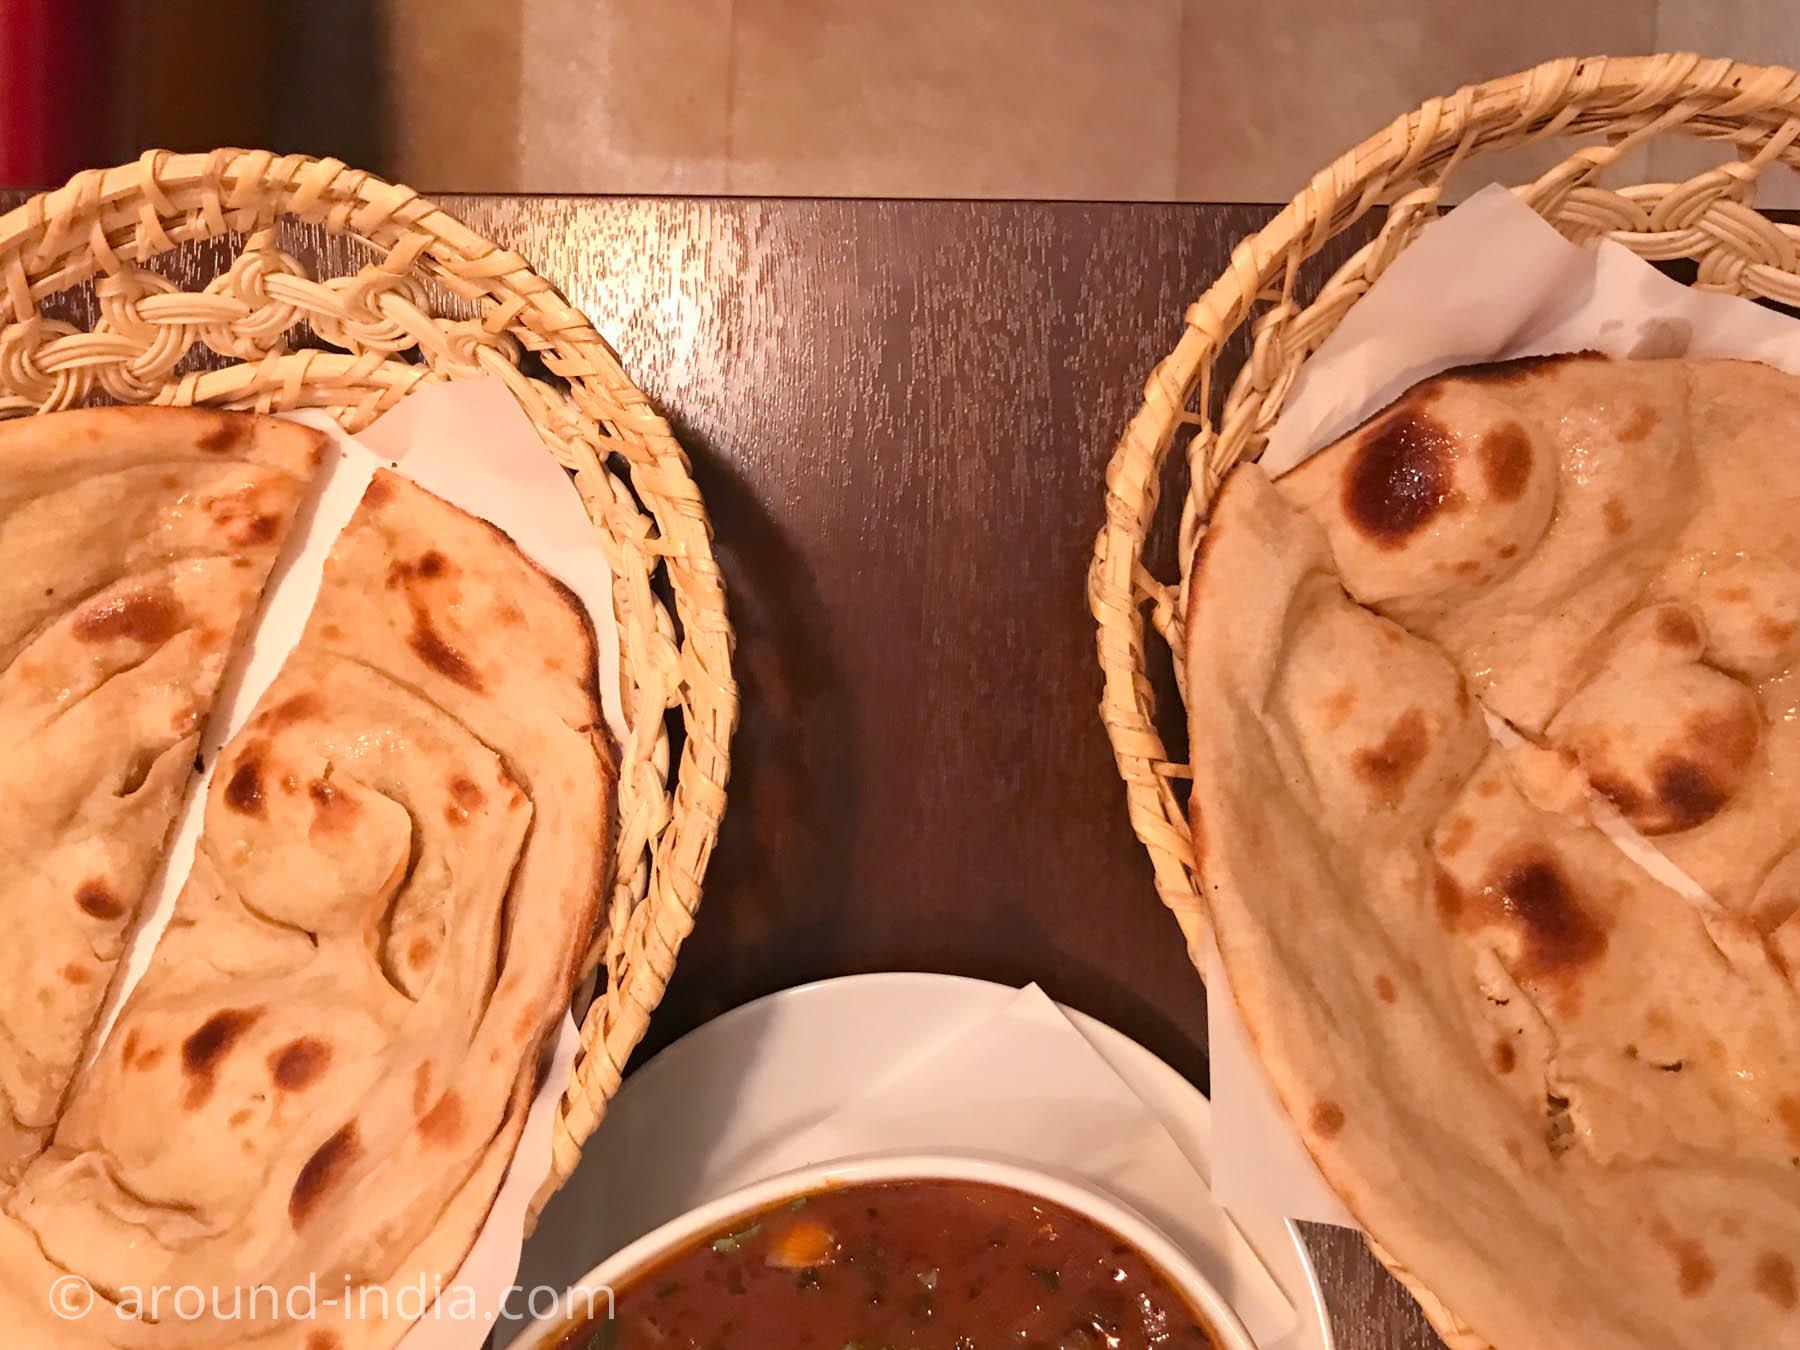 横浜中華街のインド料理店ナクシャトラ タンドーリロティとタンドーリパラタを食べ比べ